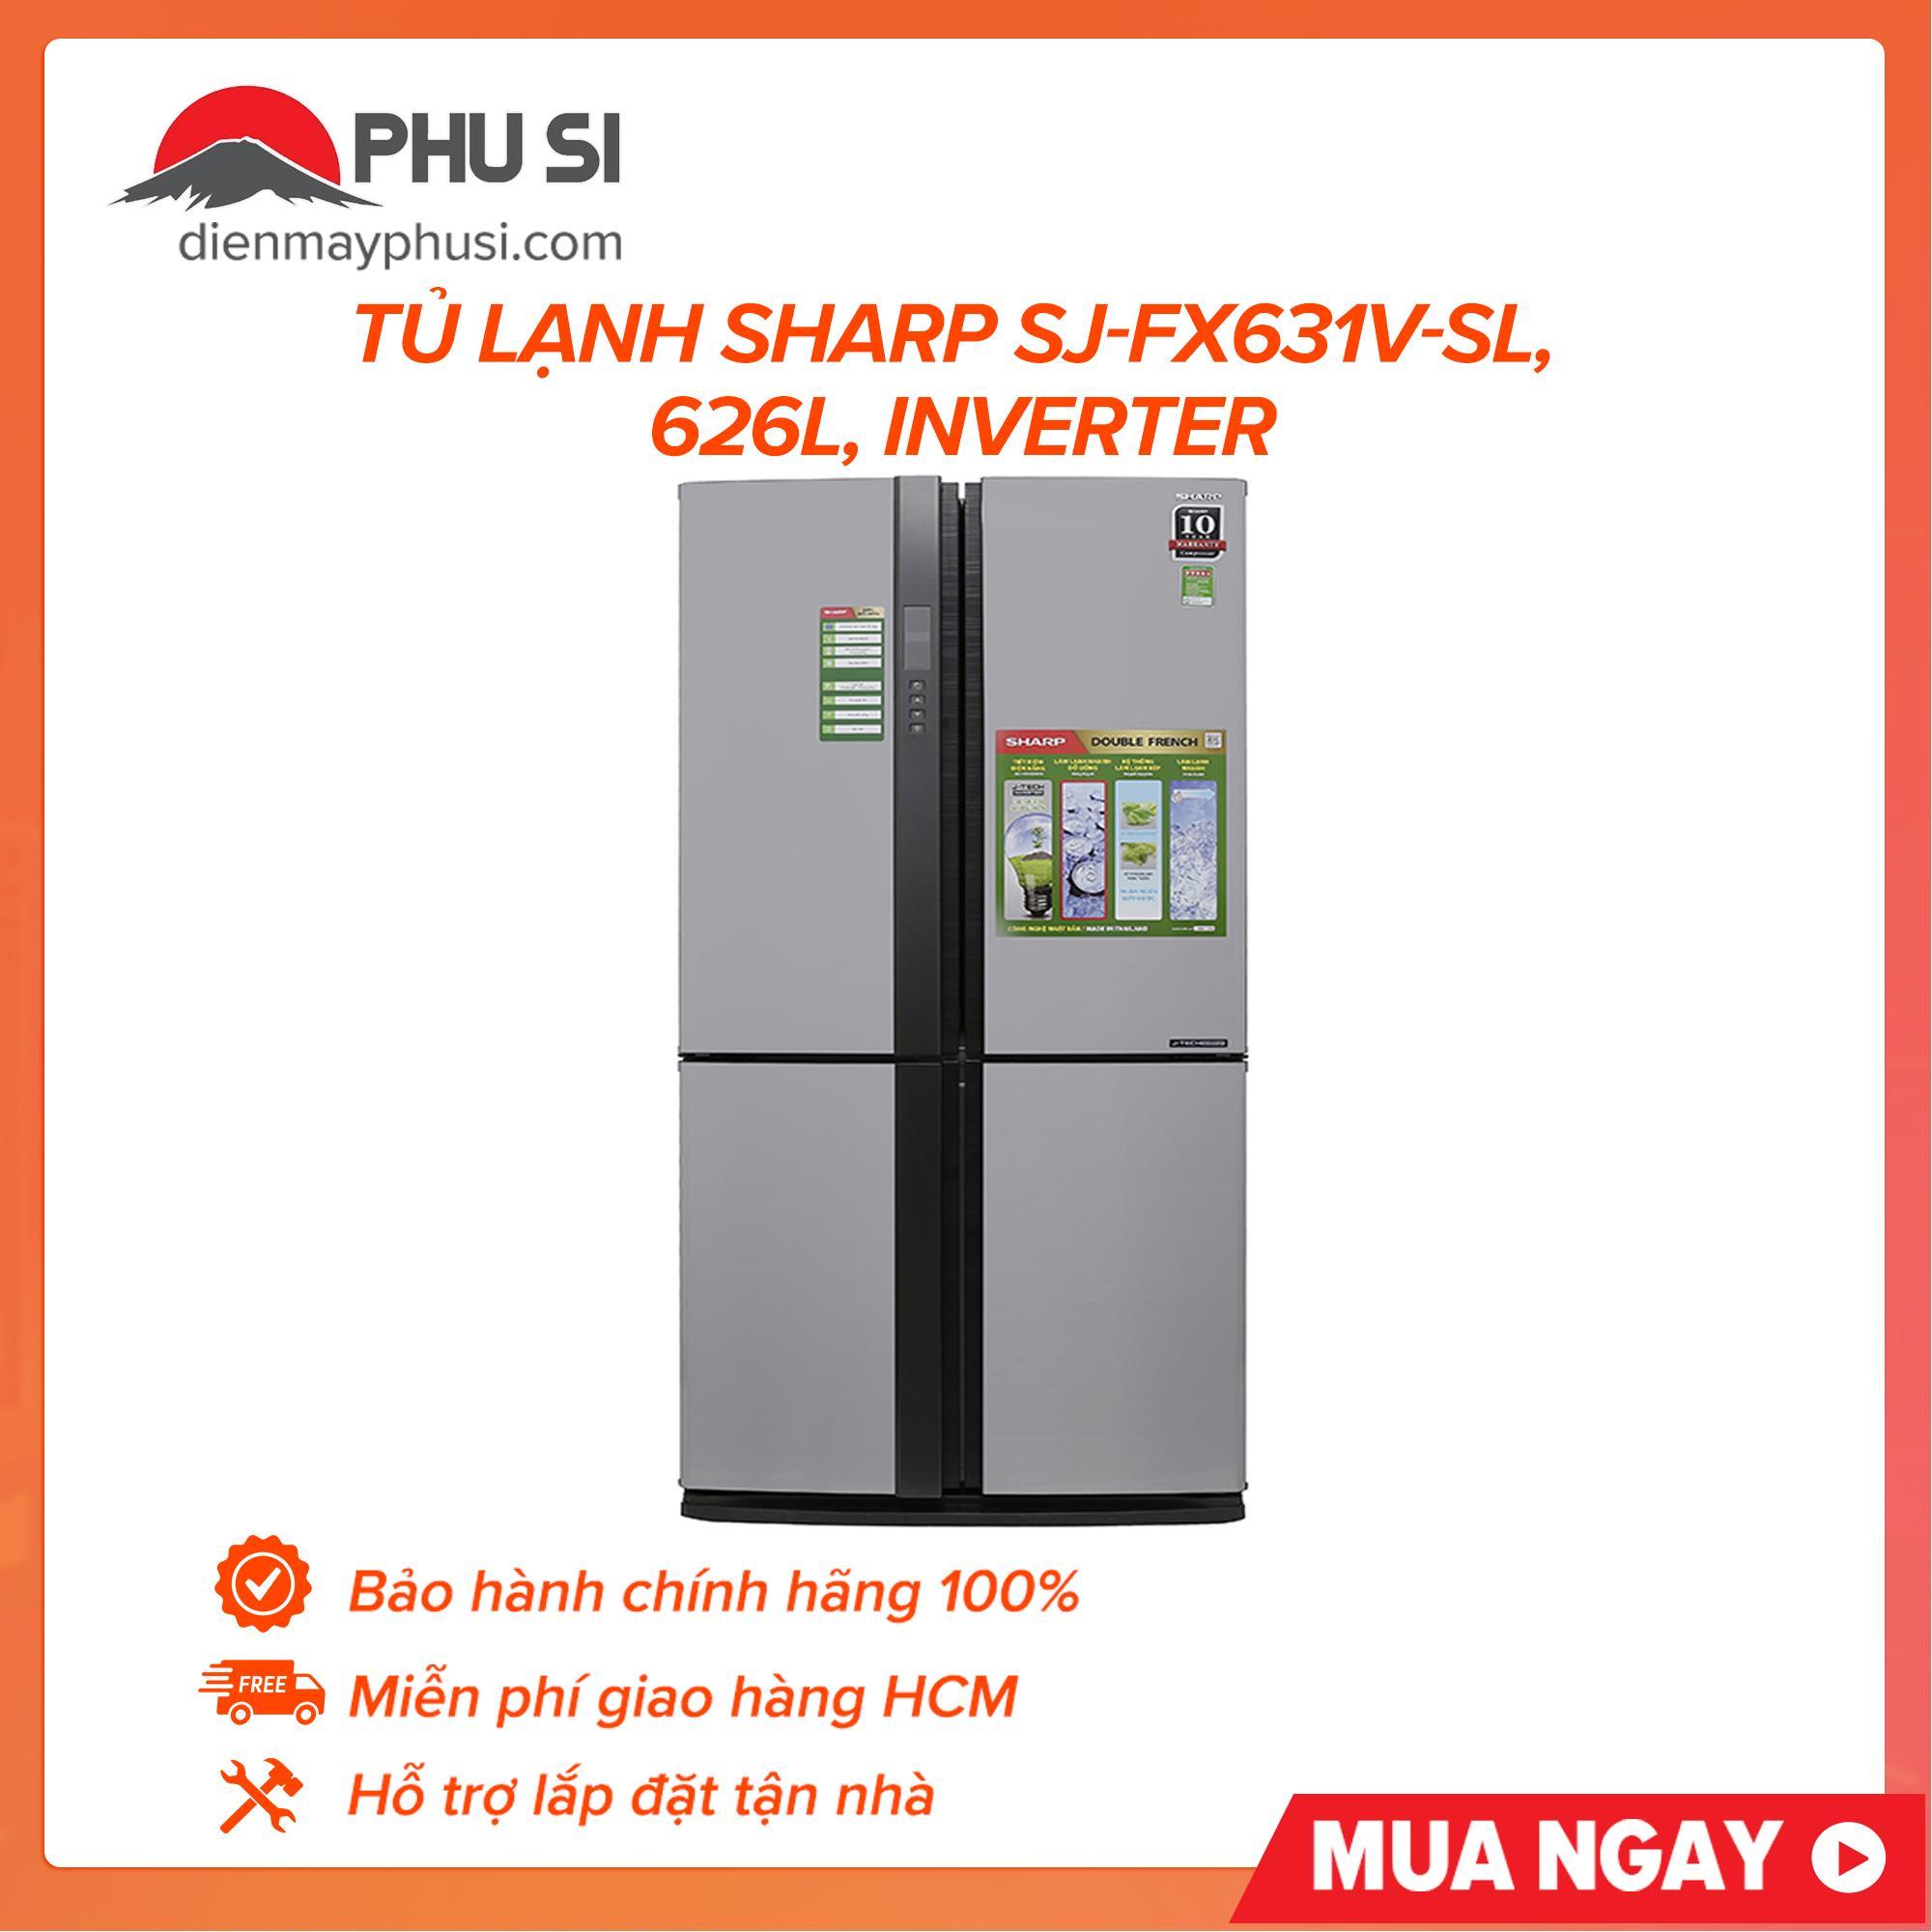 Bảng giá Tủ lạnh Sharp SJ-FX631V-SL, 626L, Inverter Điện máy Pico